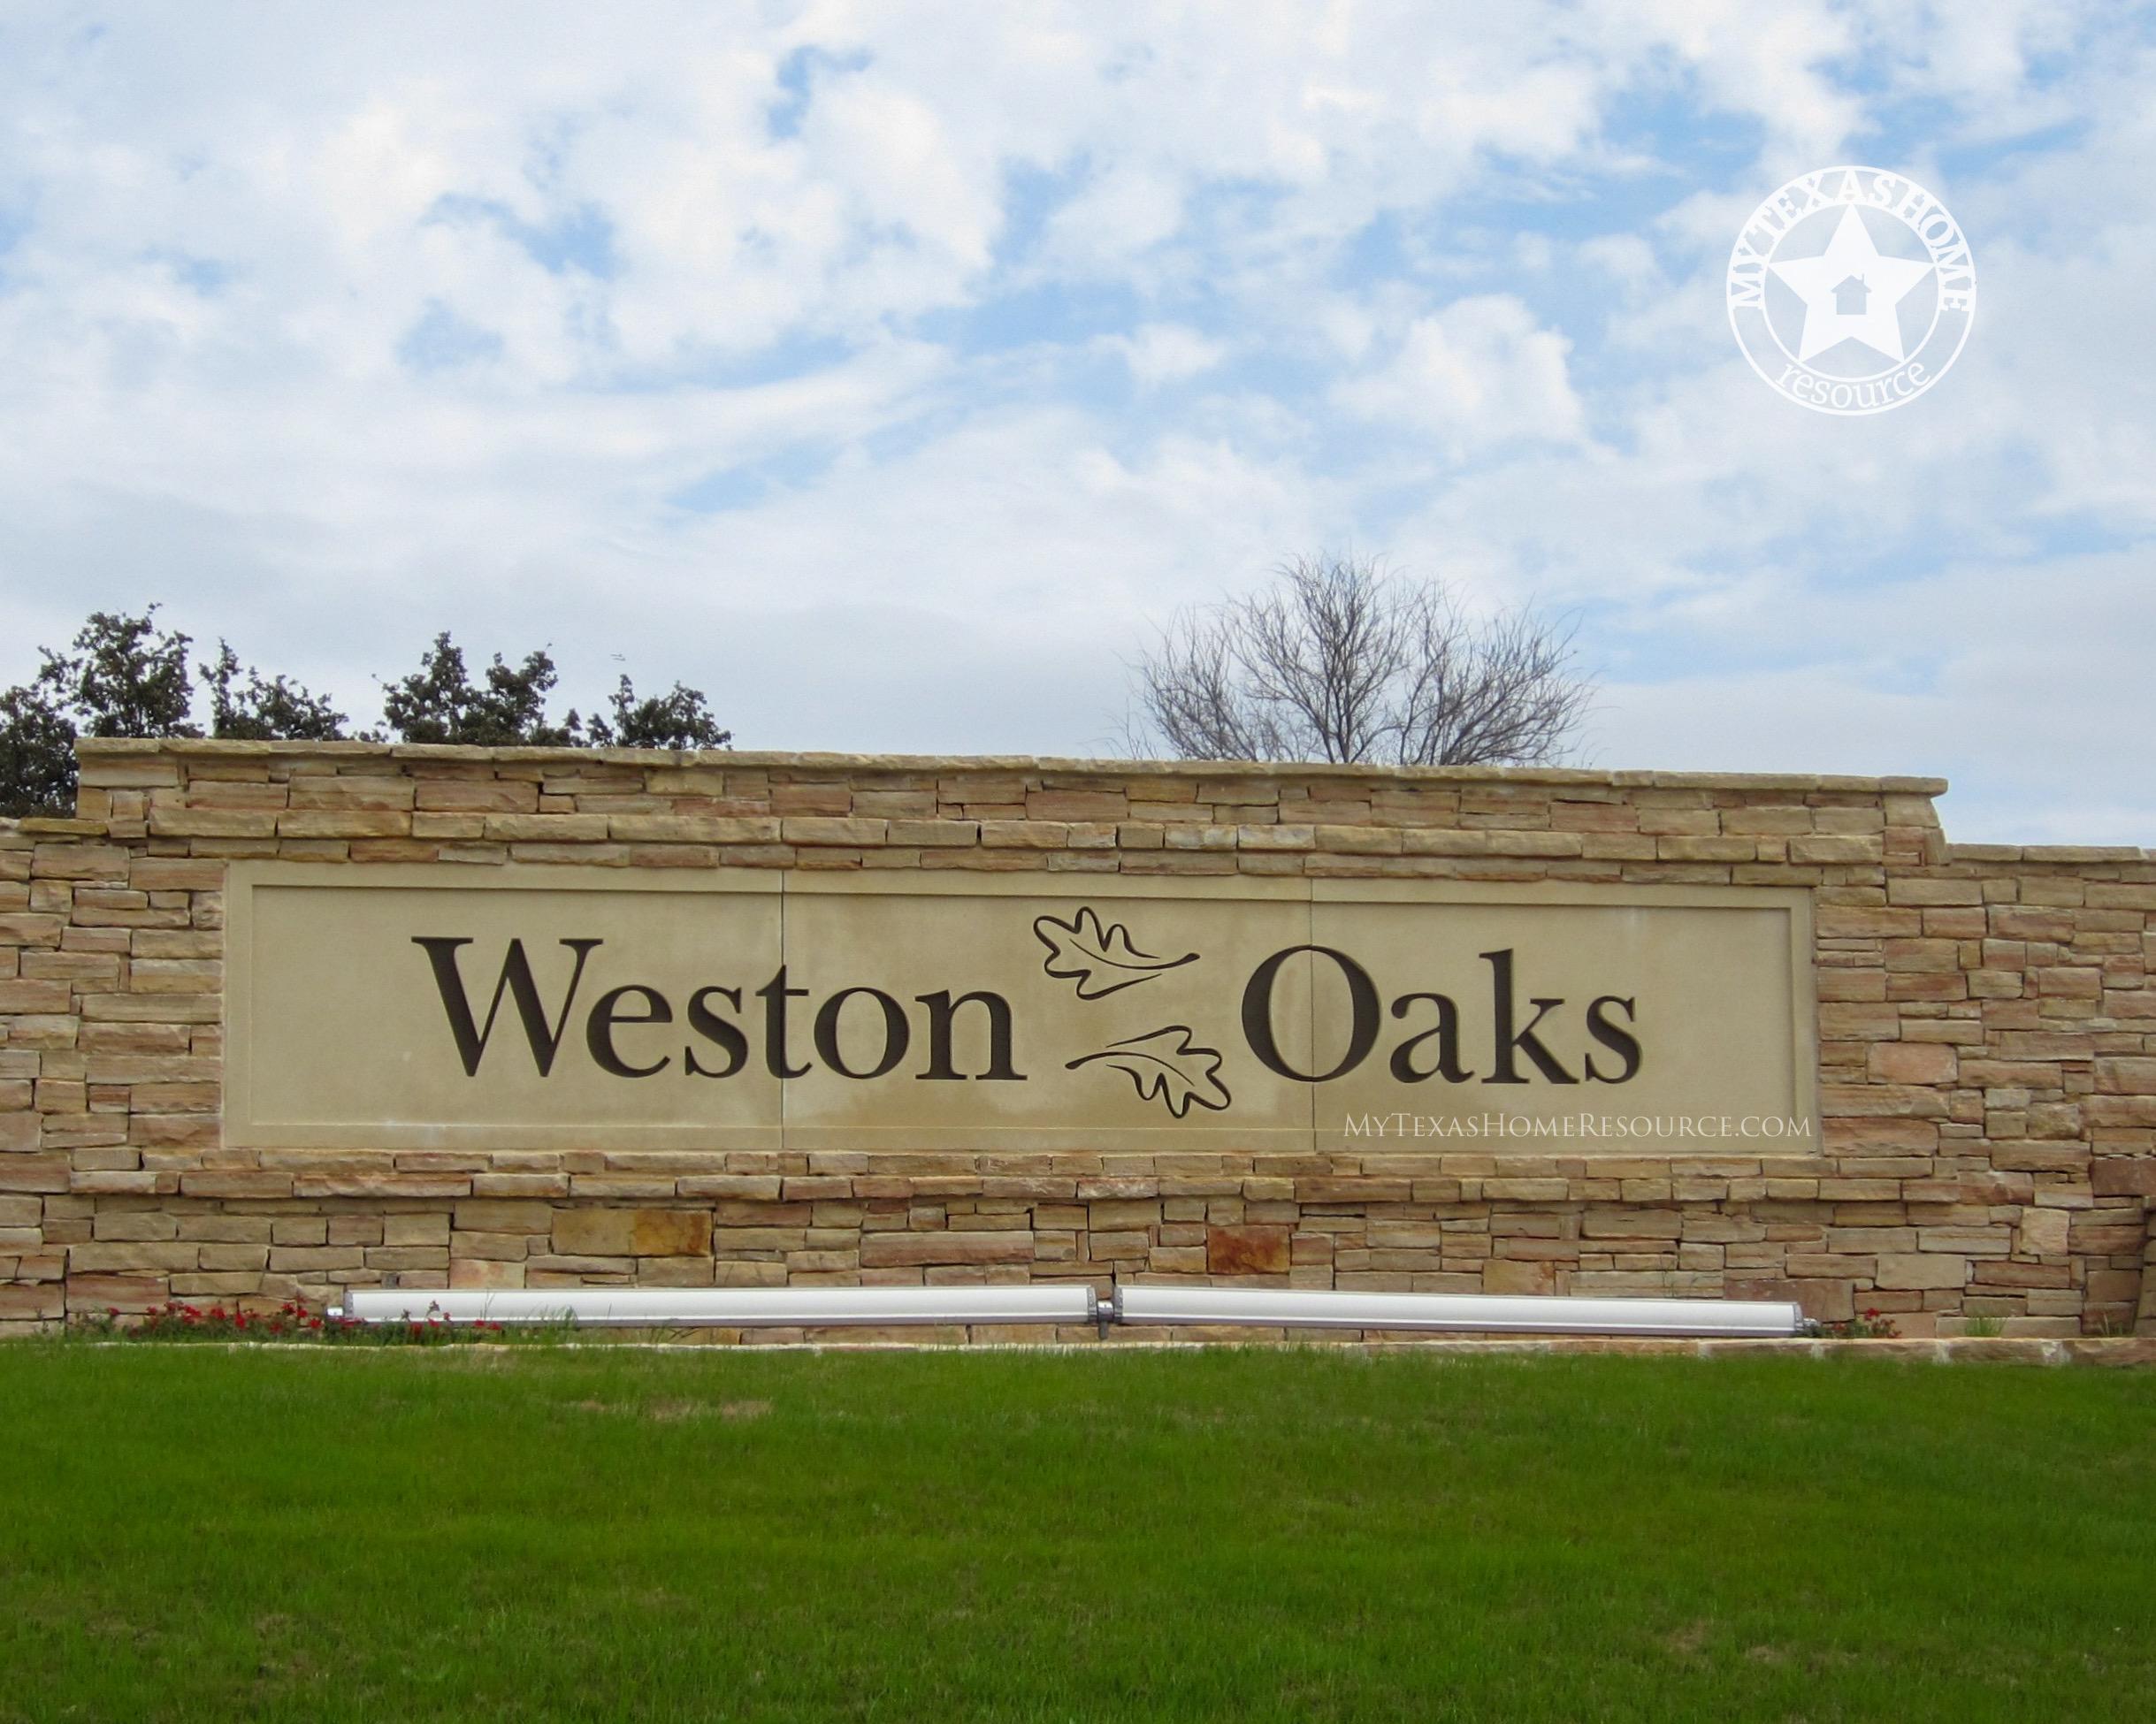 Weston Oaks Community